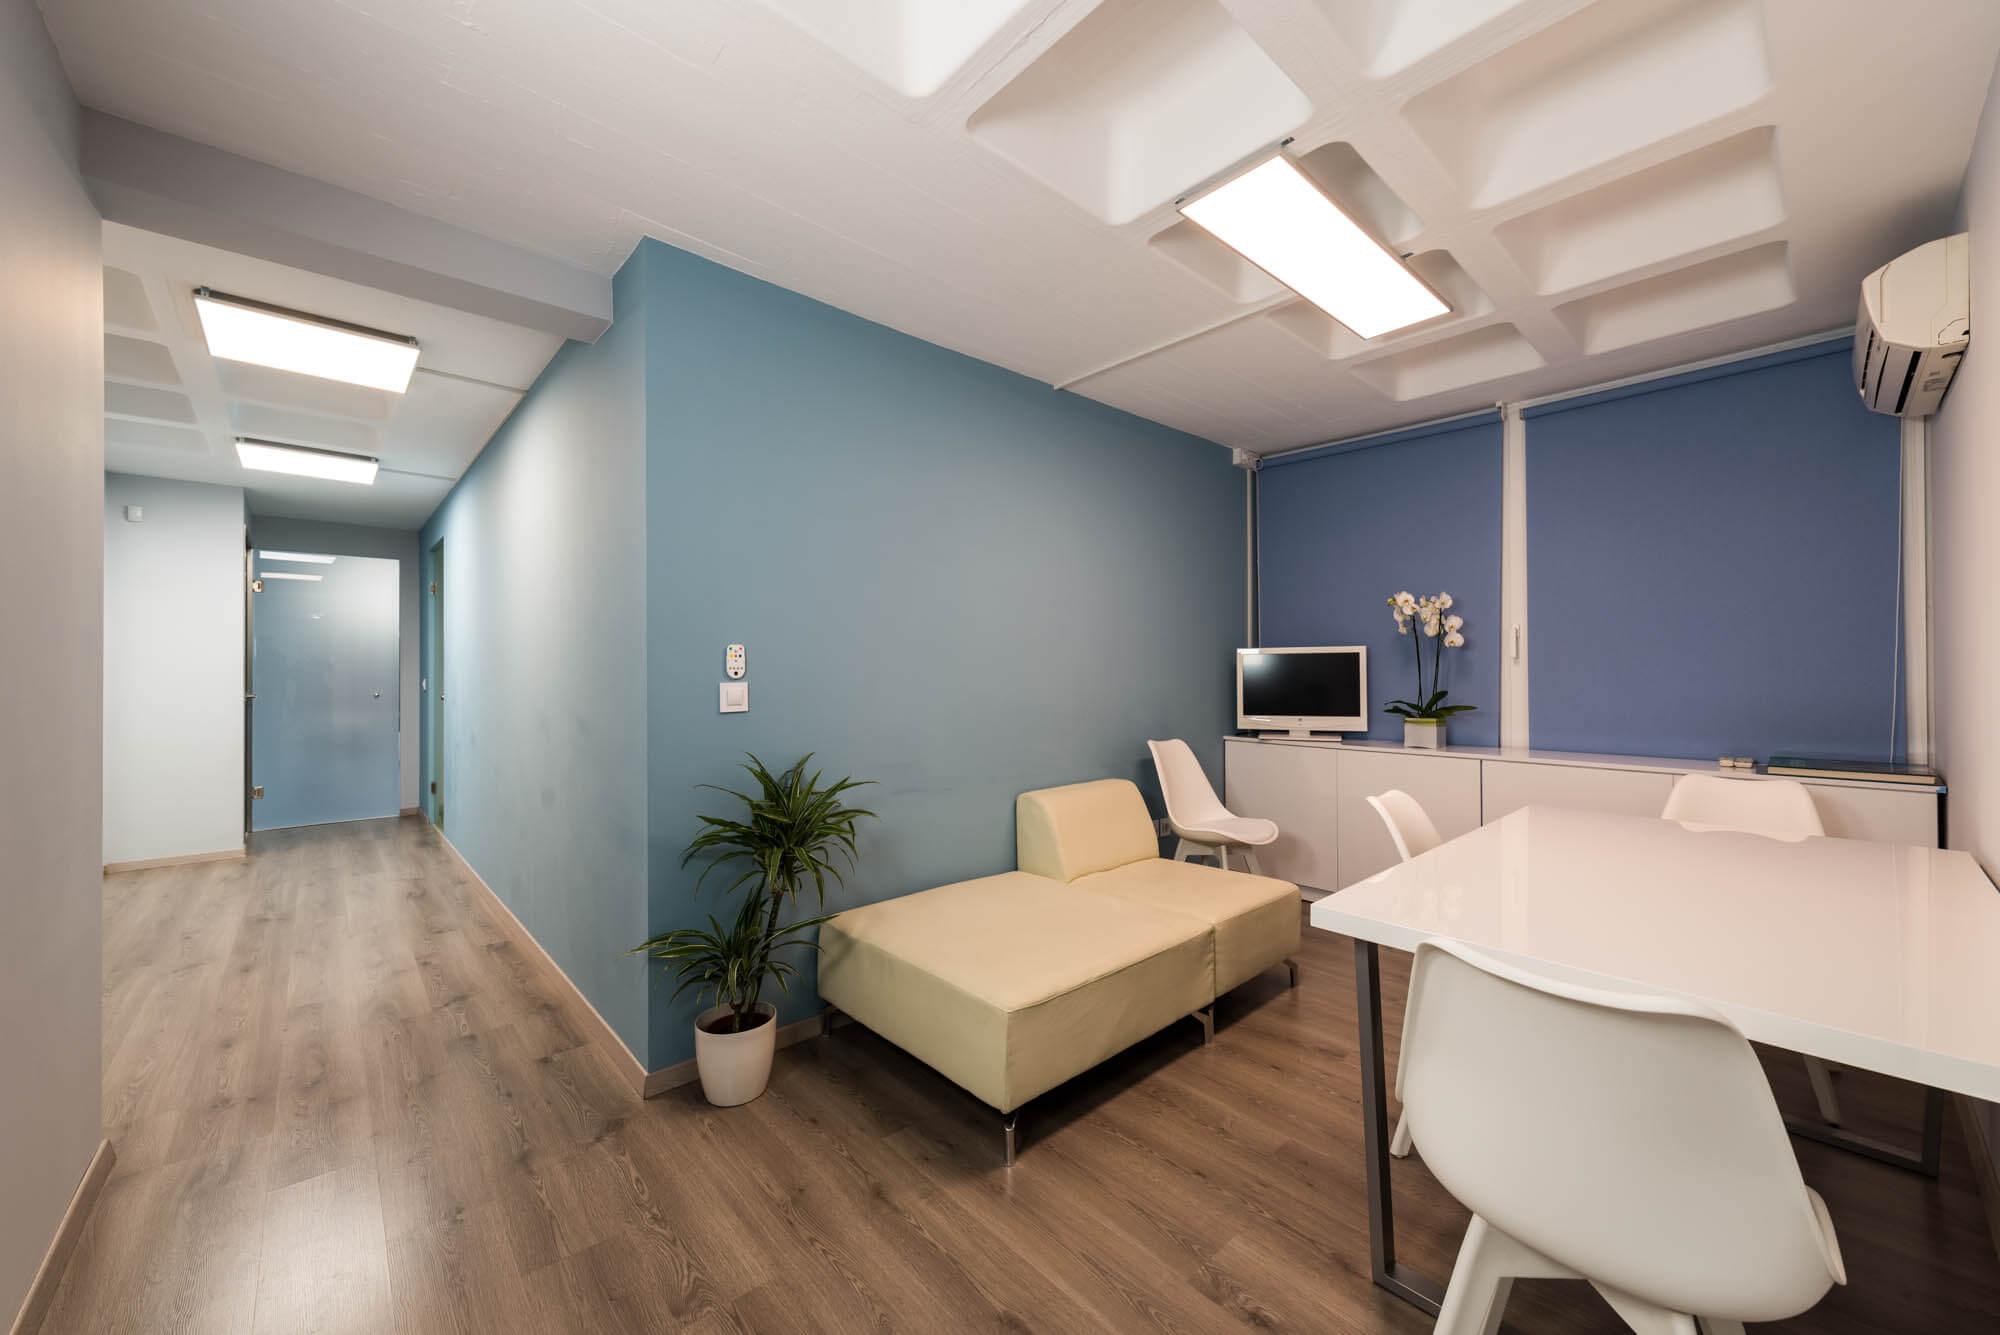 Χώρος ξεκούρασης & αναμονής Anastasakis Hair Clinic